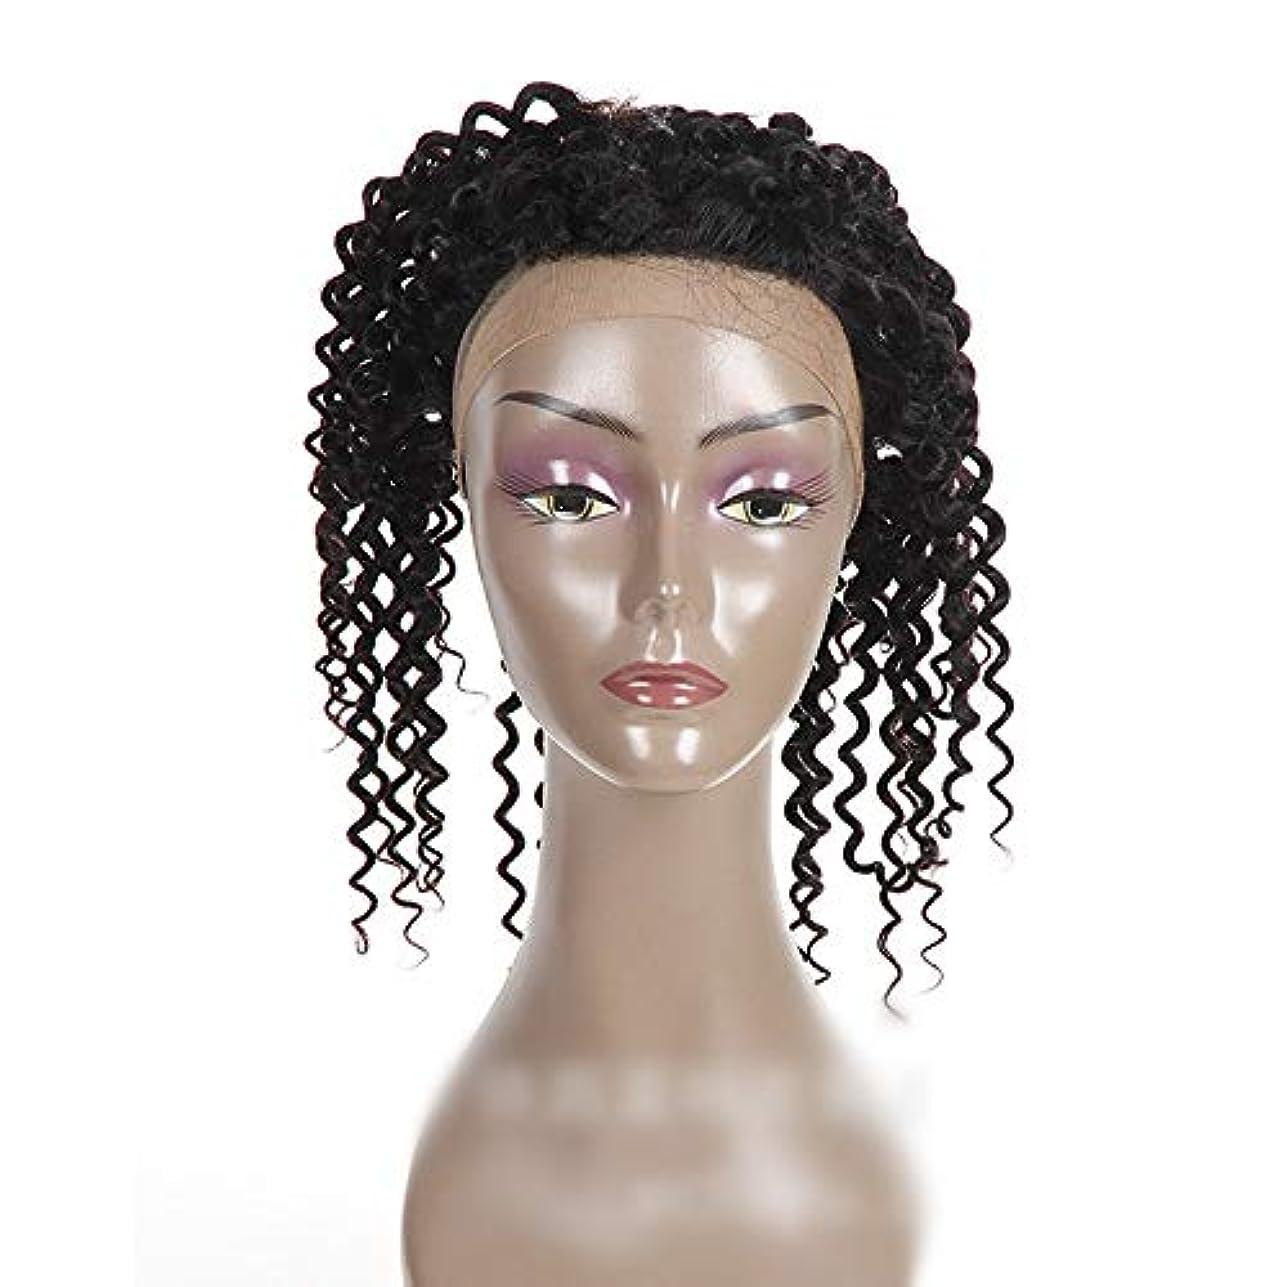 自宅で穴振動させるMayalina ナチュラルカラー360レース前頭閉鎖ブラジル人間の髪の毛深い波カーリーフリーパートヘアエクステンションショートカーリーウィッグ (色 : 黒, サイズ : 16 inch)